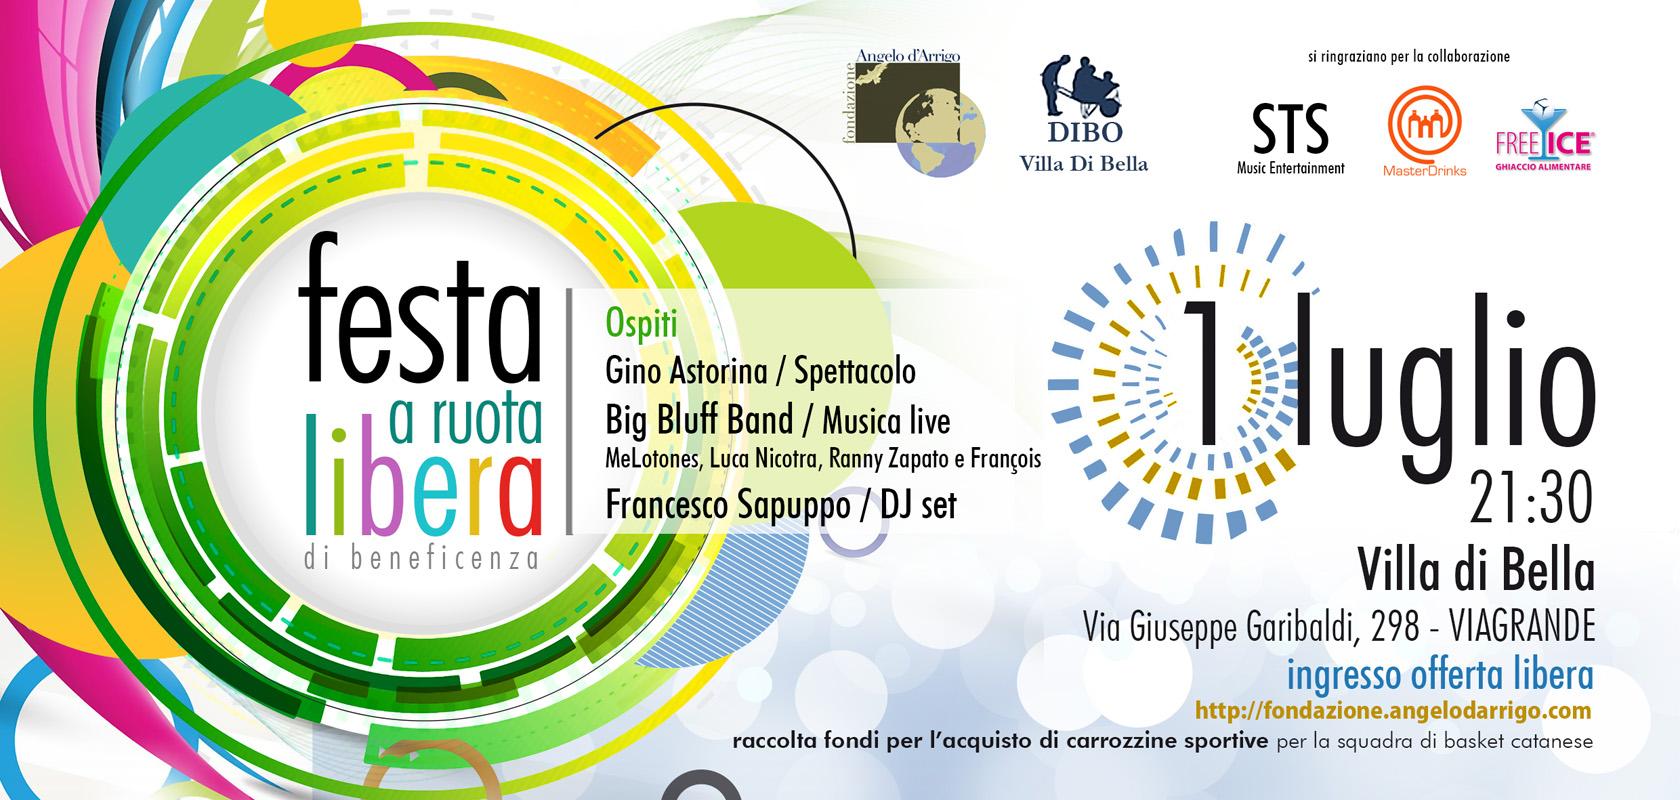 Viagrande: Serata di solidarietà a cura della Fondazione Angelo D'Arrigo